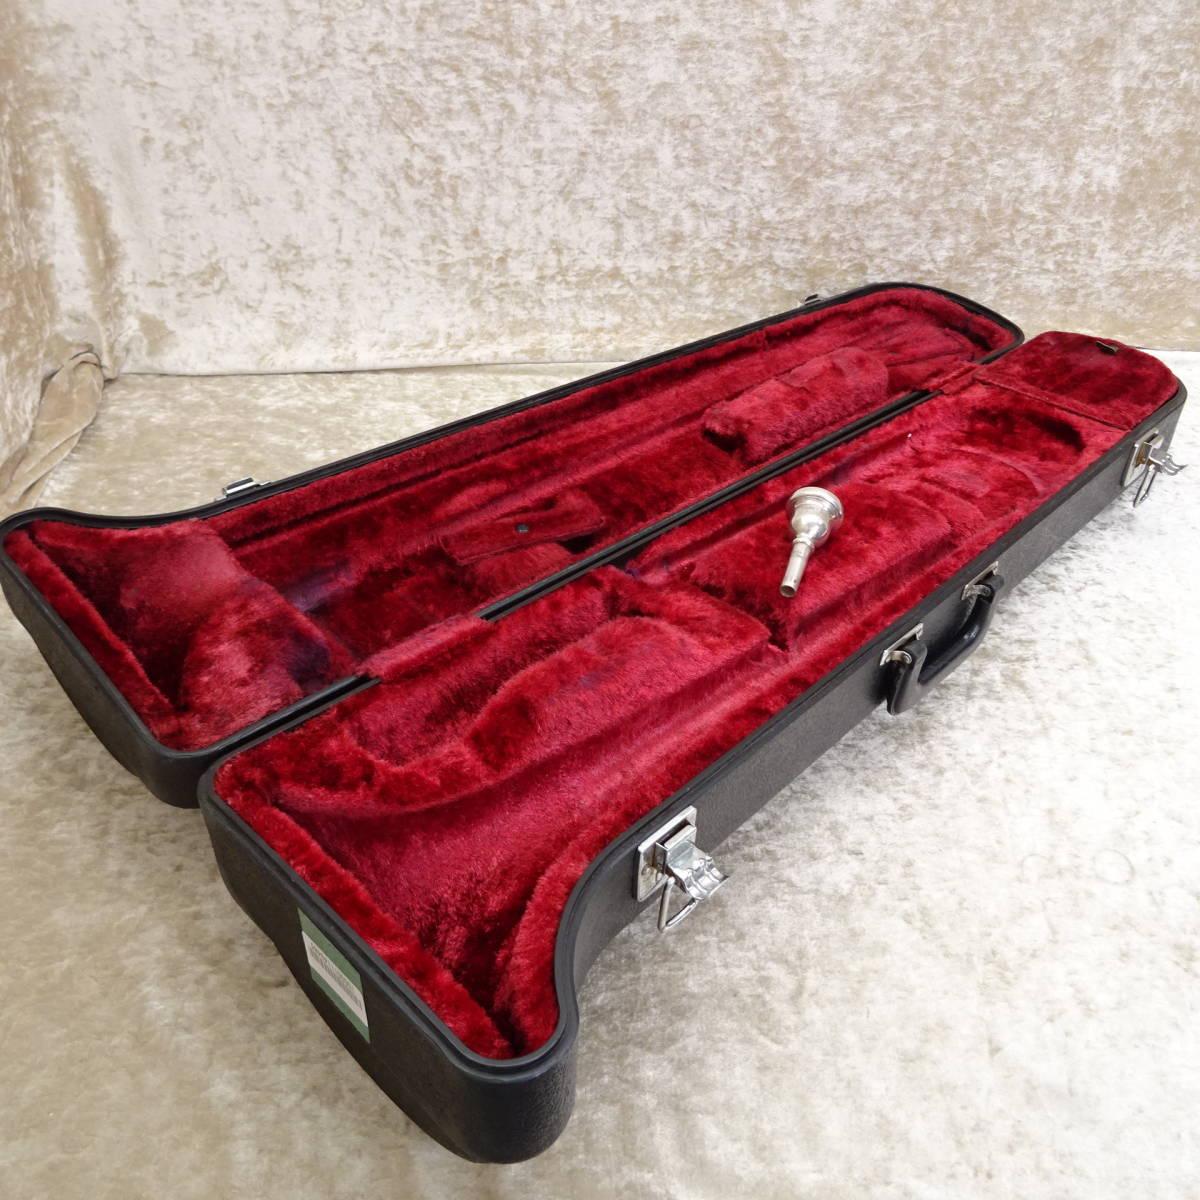 YAMAHA YSL-3530R テナートロンボーン ヤマハ YSL 3530 赤ベル デュアルボア ■直接確認可■K032603D_画像10